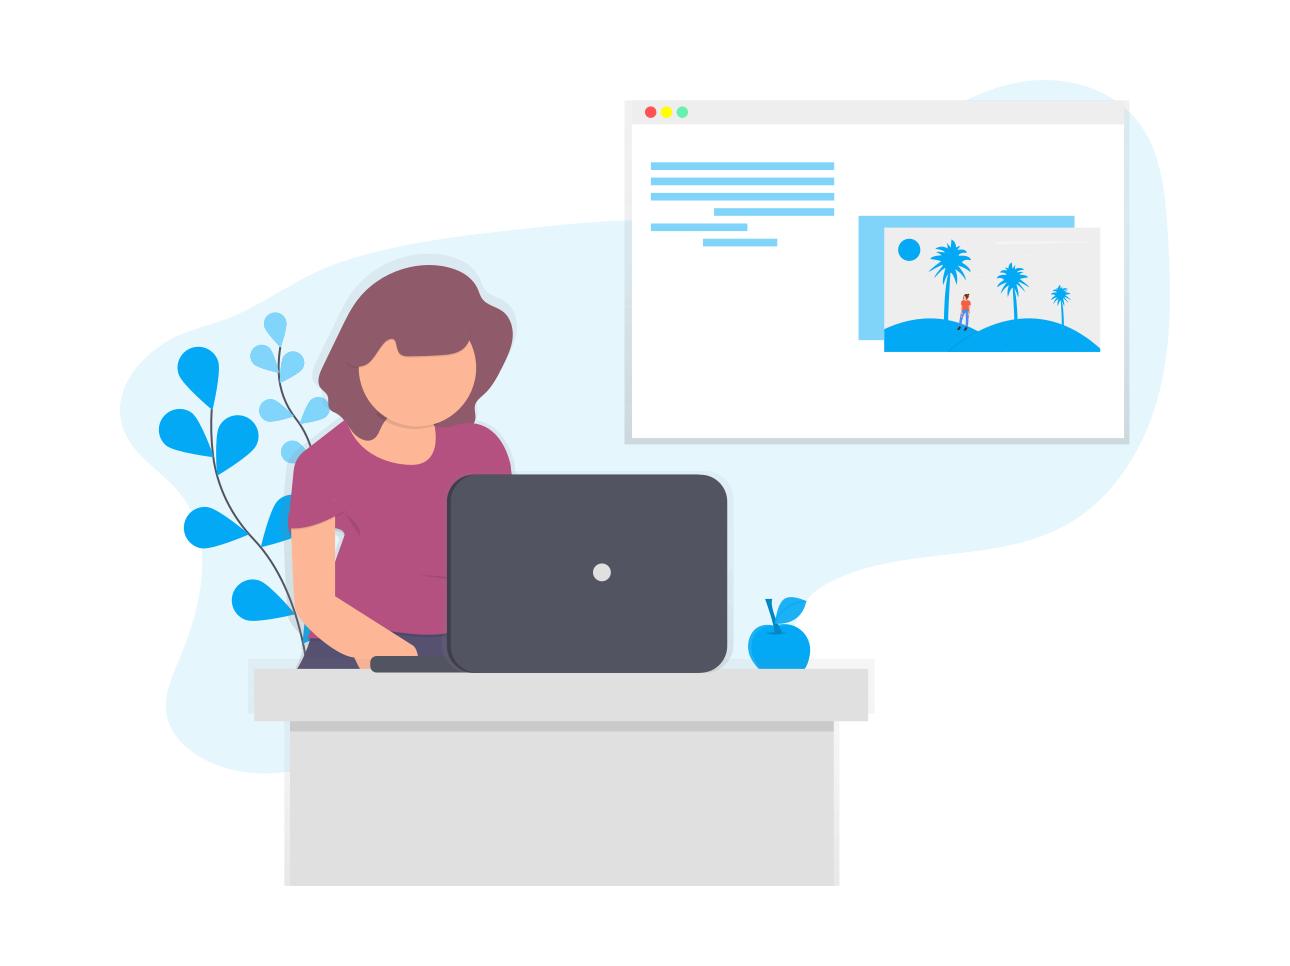 Kobieta z laptopem pisze pierwszy wpis na bloga Wordpress.